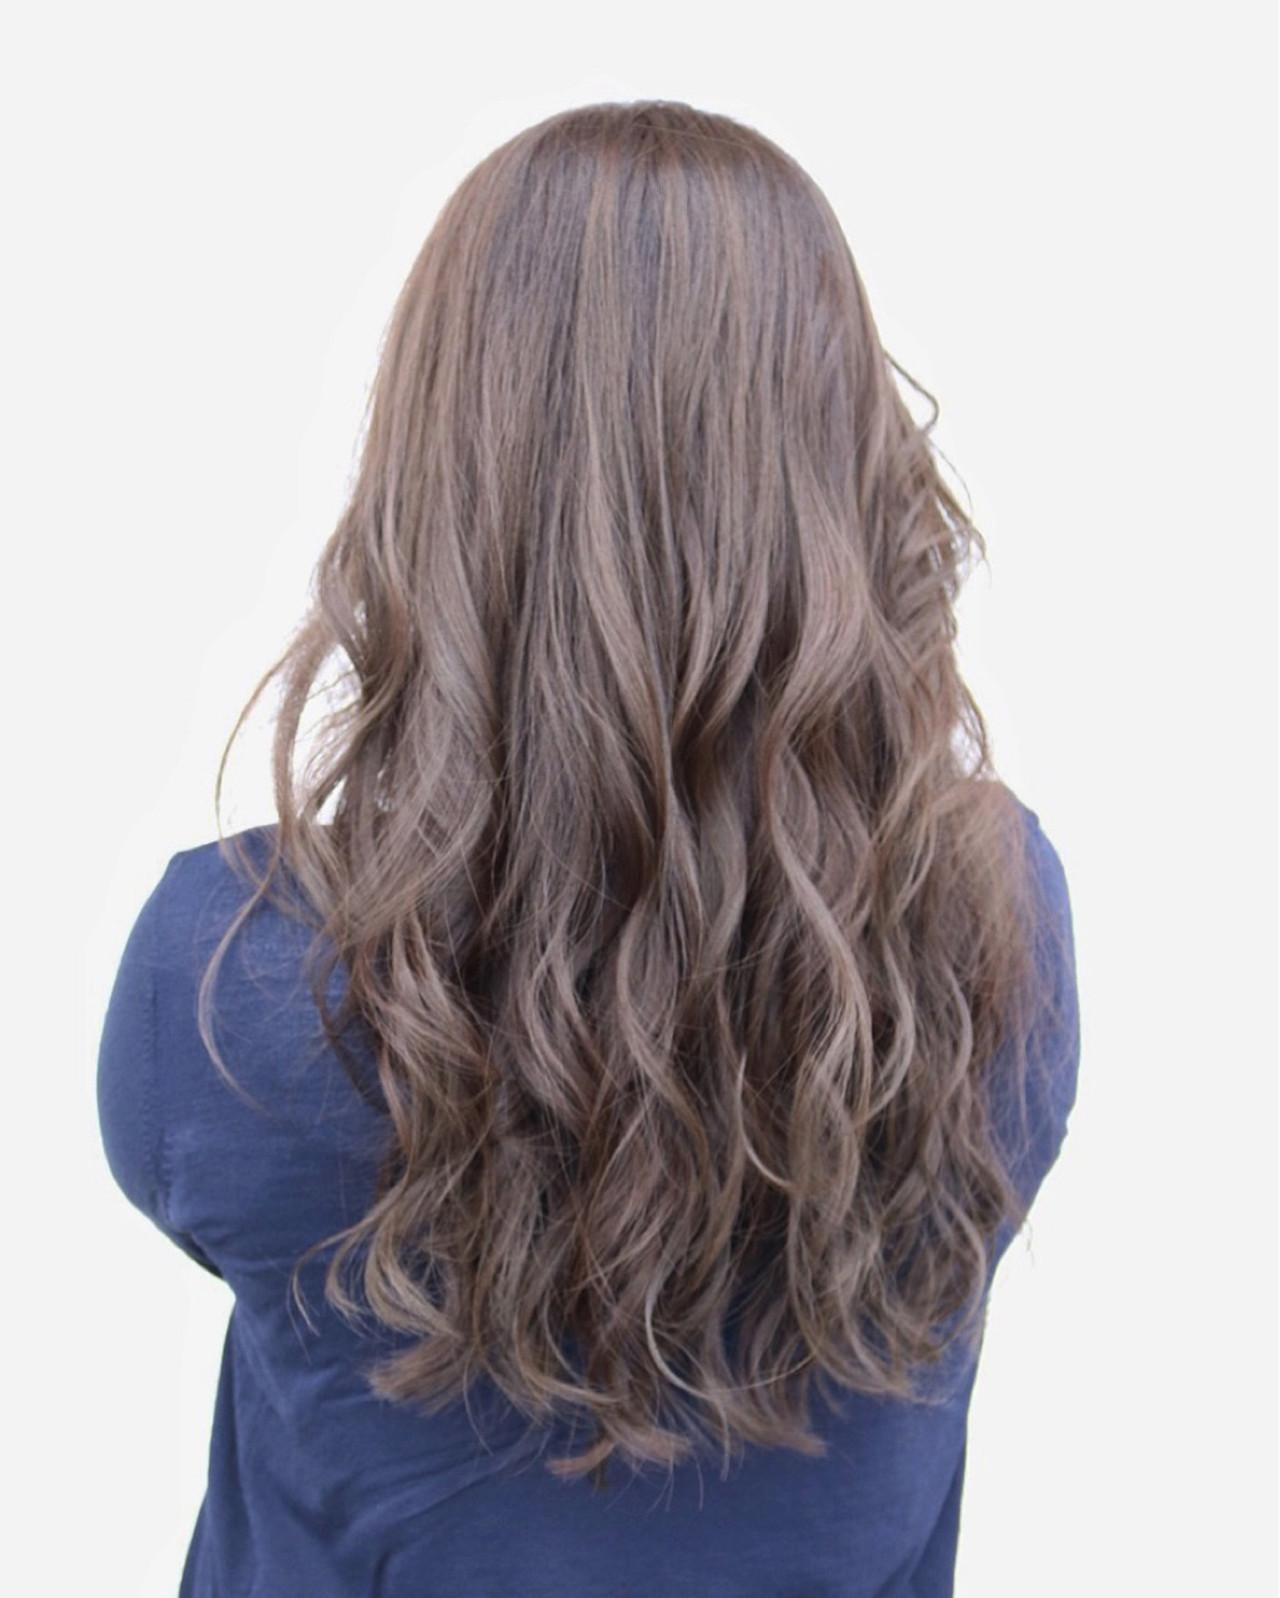 ハイライト ブルージュ アッシュ ロングヘアスタイルや髪型の写真・画像